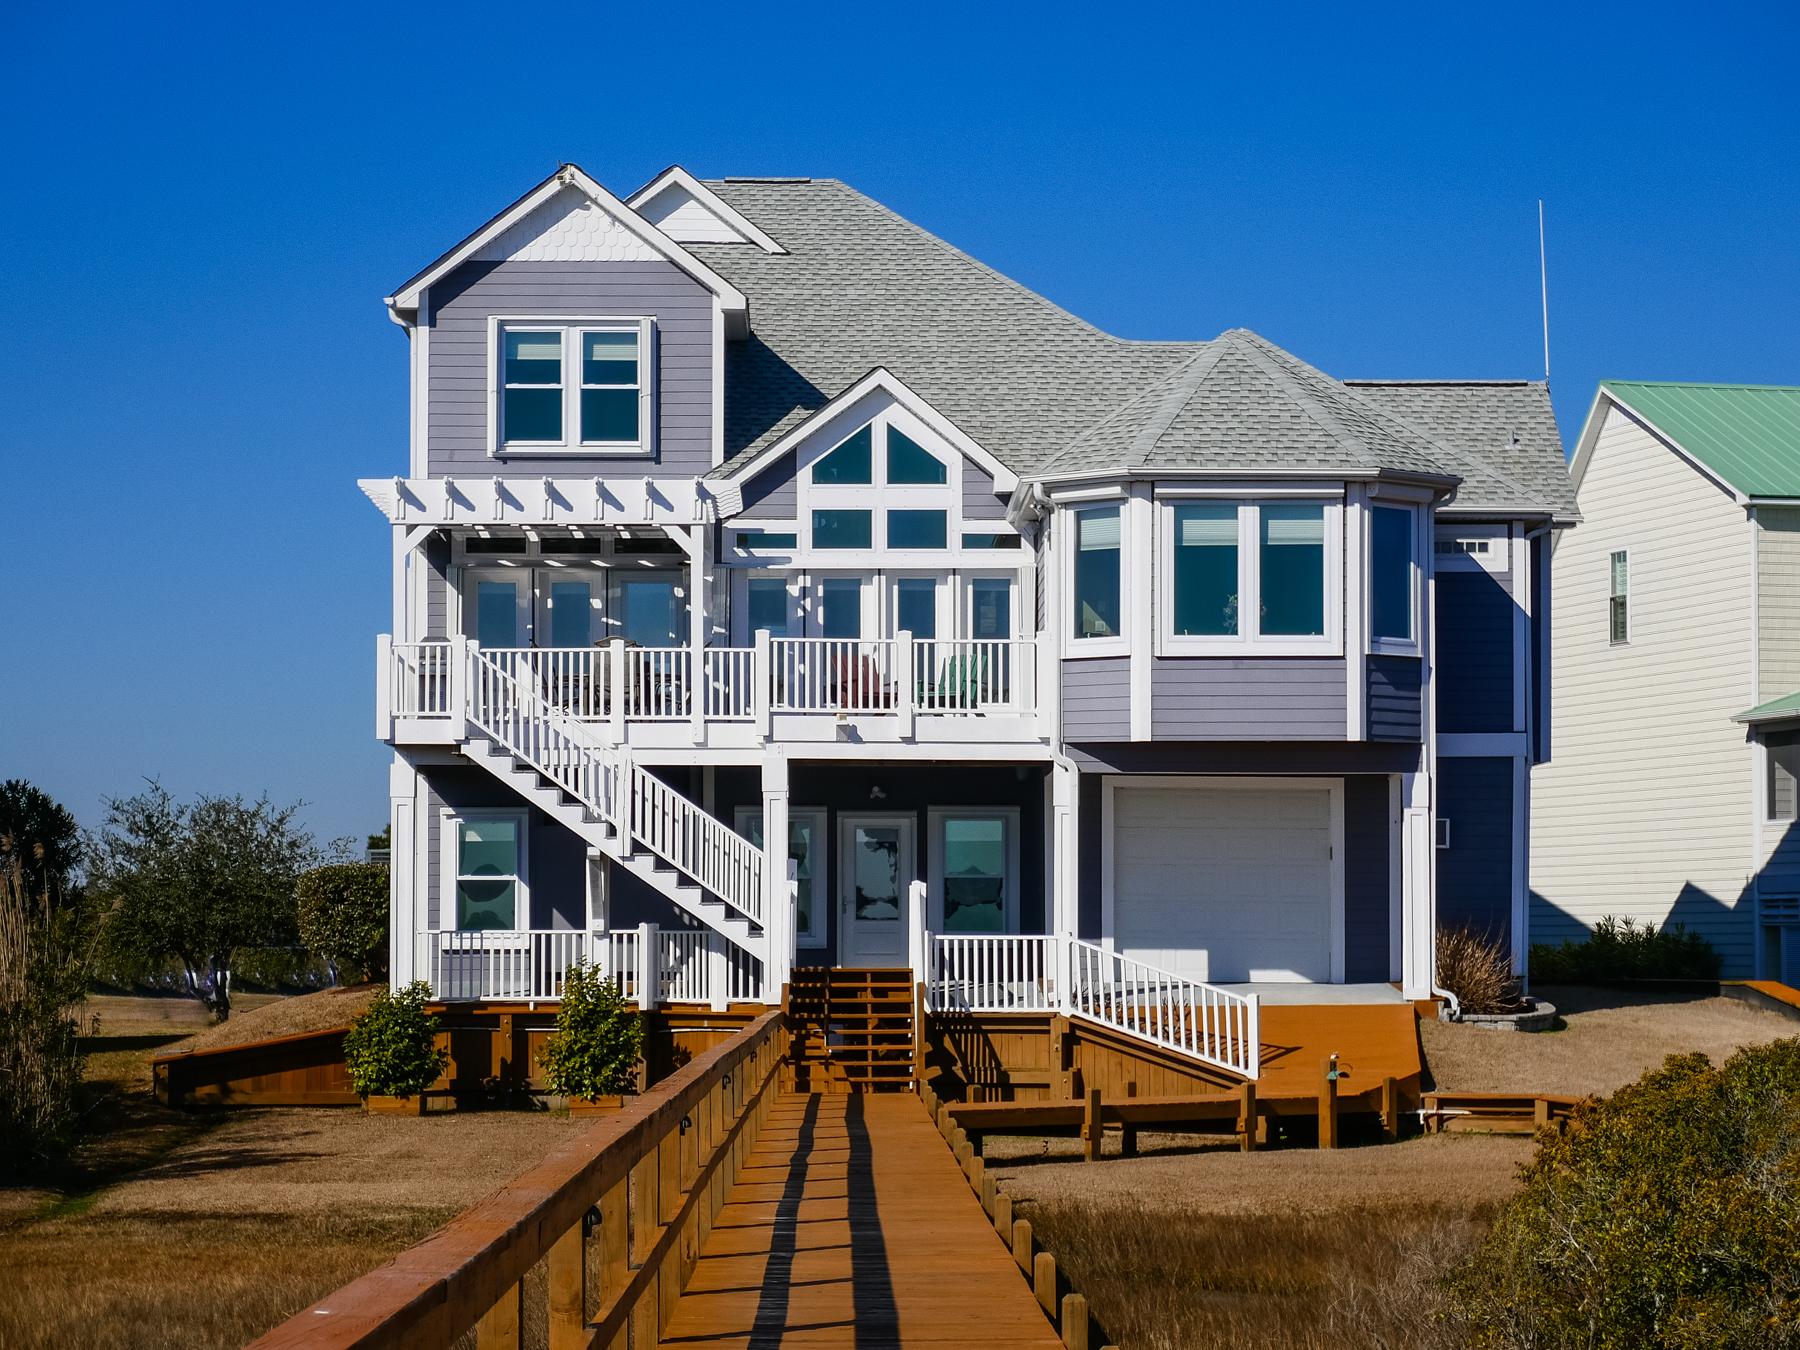 단독 가정 주택 용 매매 에 Spectacular Waterfront Cottage on the North Carolina Coast 172 Big Hammock Point Sneads Ferry, 노스캐놀라이나 28460 미국